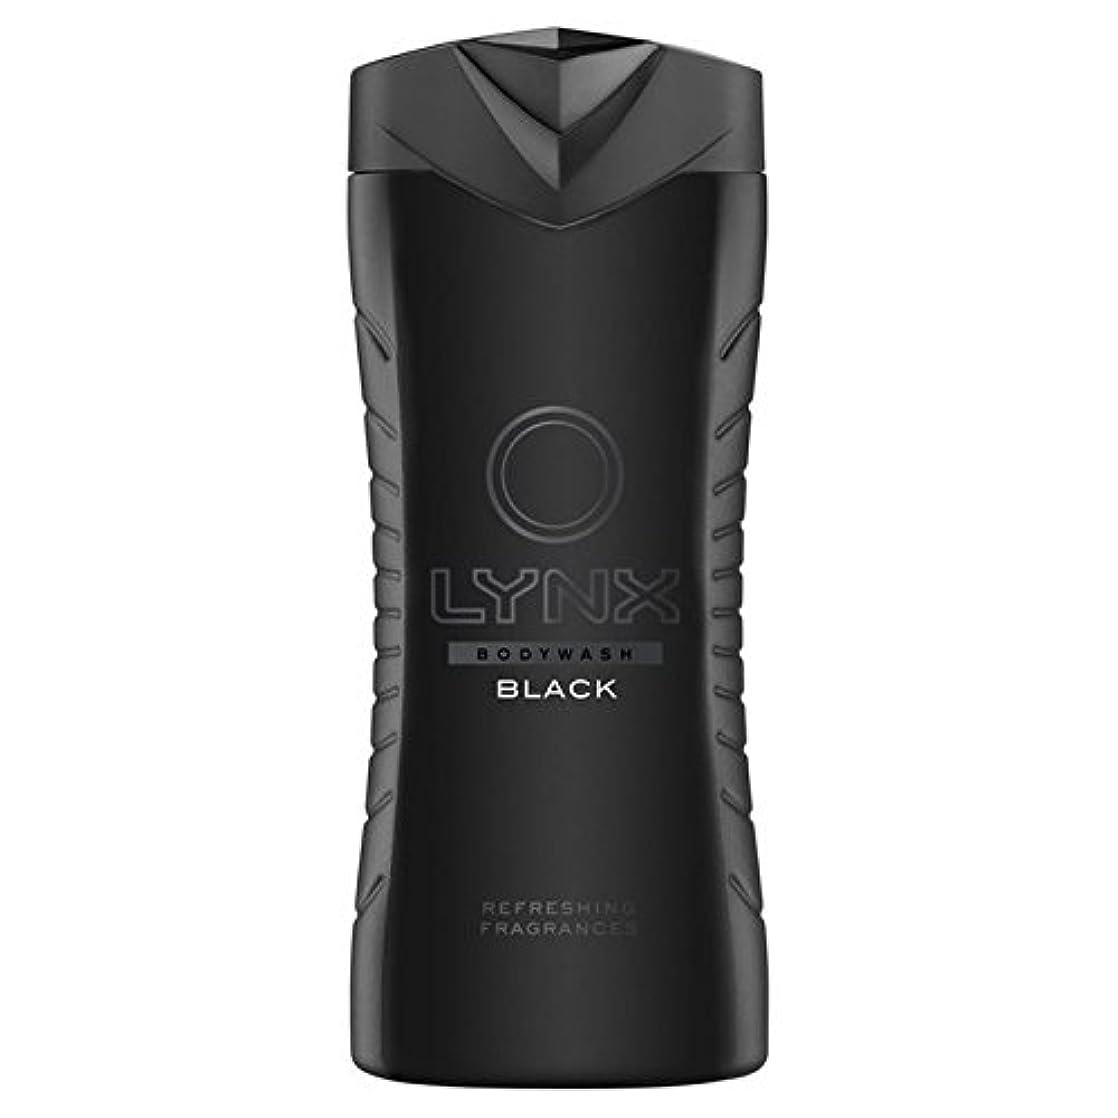 アダルトラフ誓約Lynx Black Shower Gel 400ml (Pack of 6) - オオヤマネコブラックシャワージェル400ミリリットル x6 [並行輸入品]